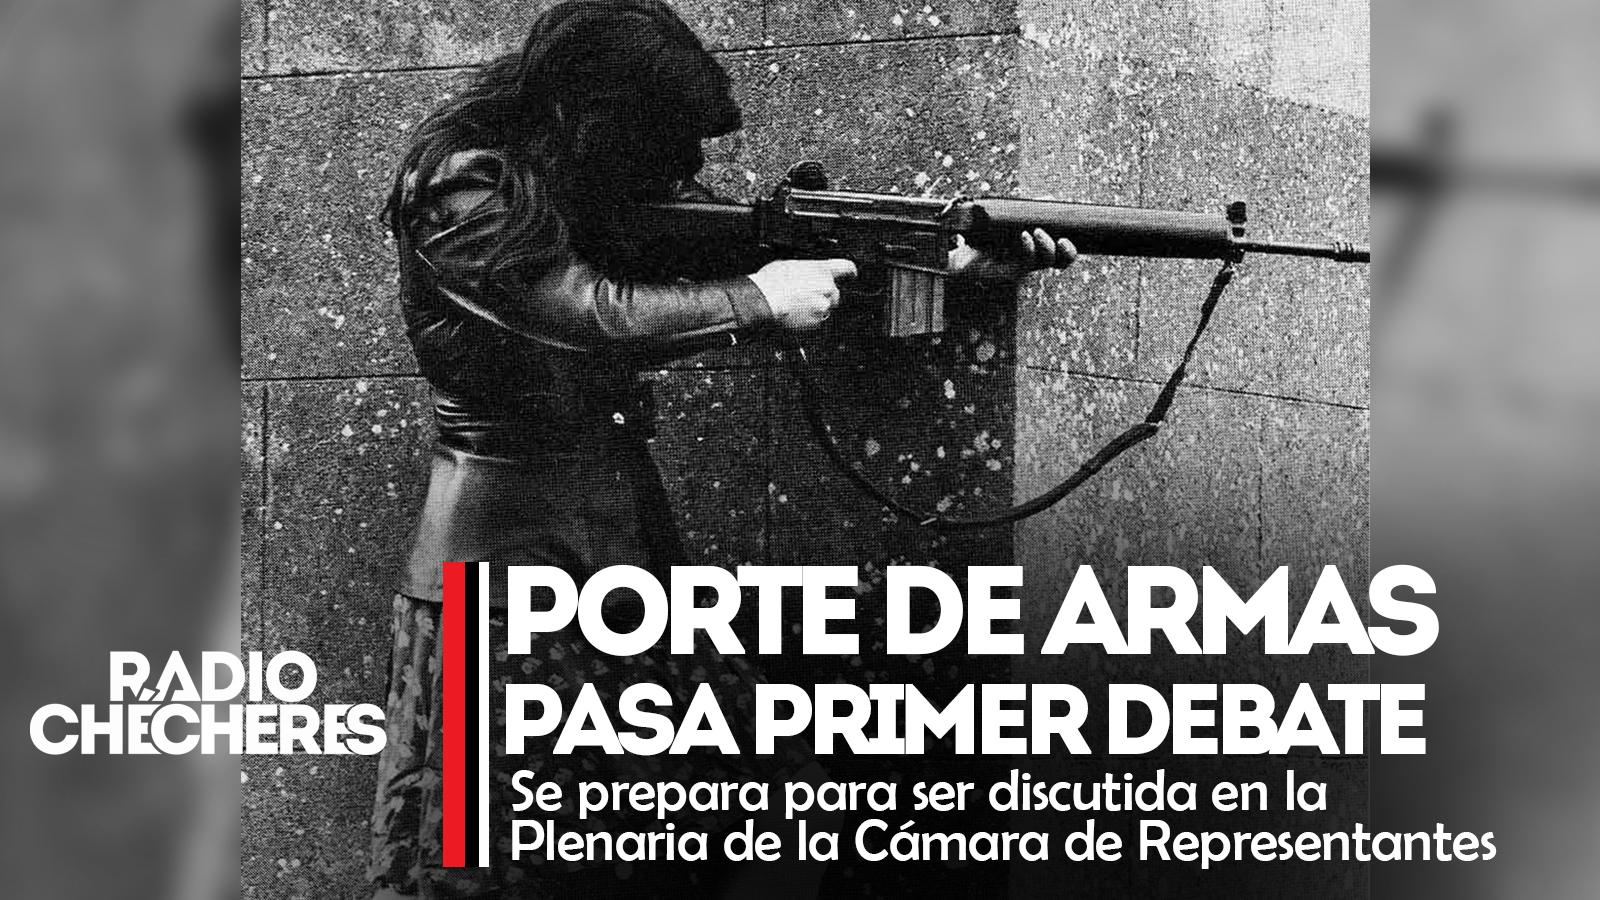 #Colombia | Aprueban en primer debate proyecto que busca flexibilizar porte de armas